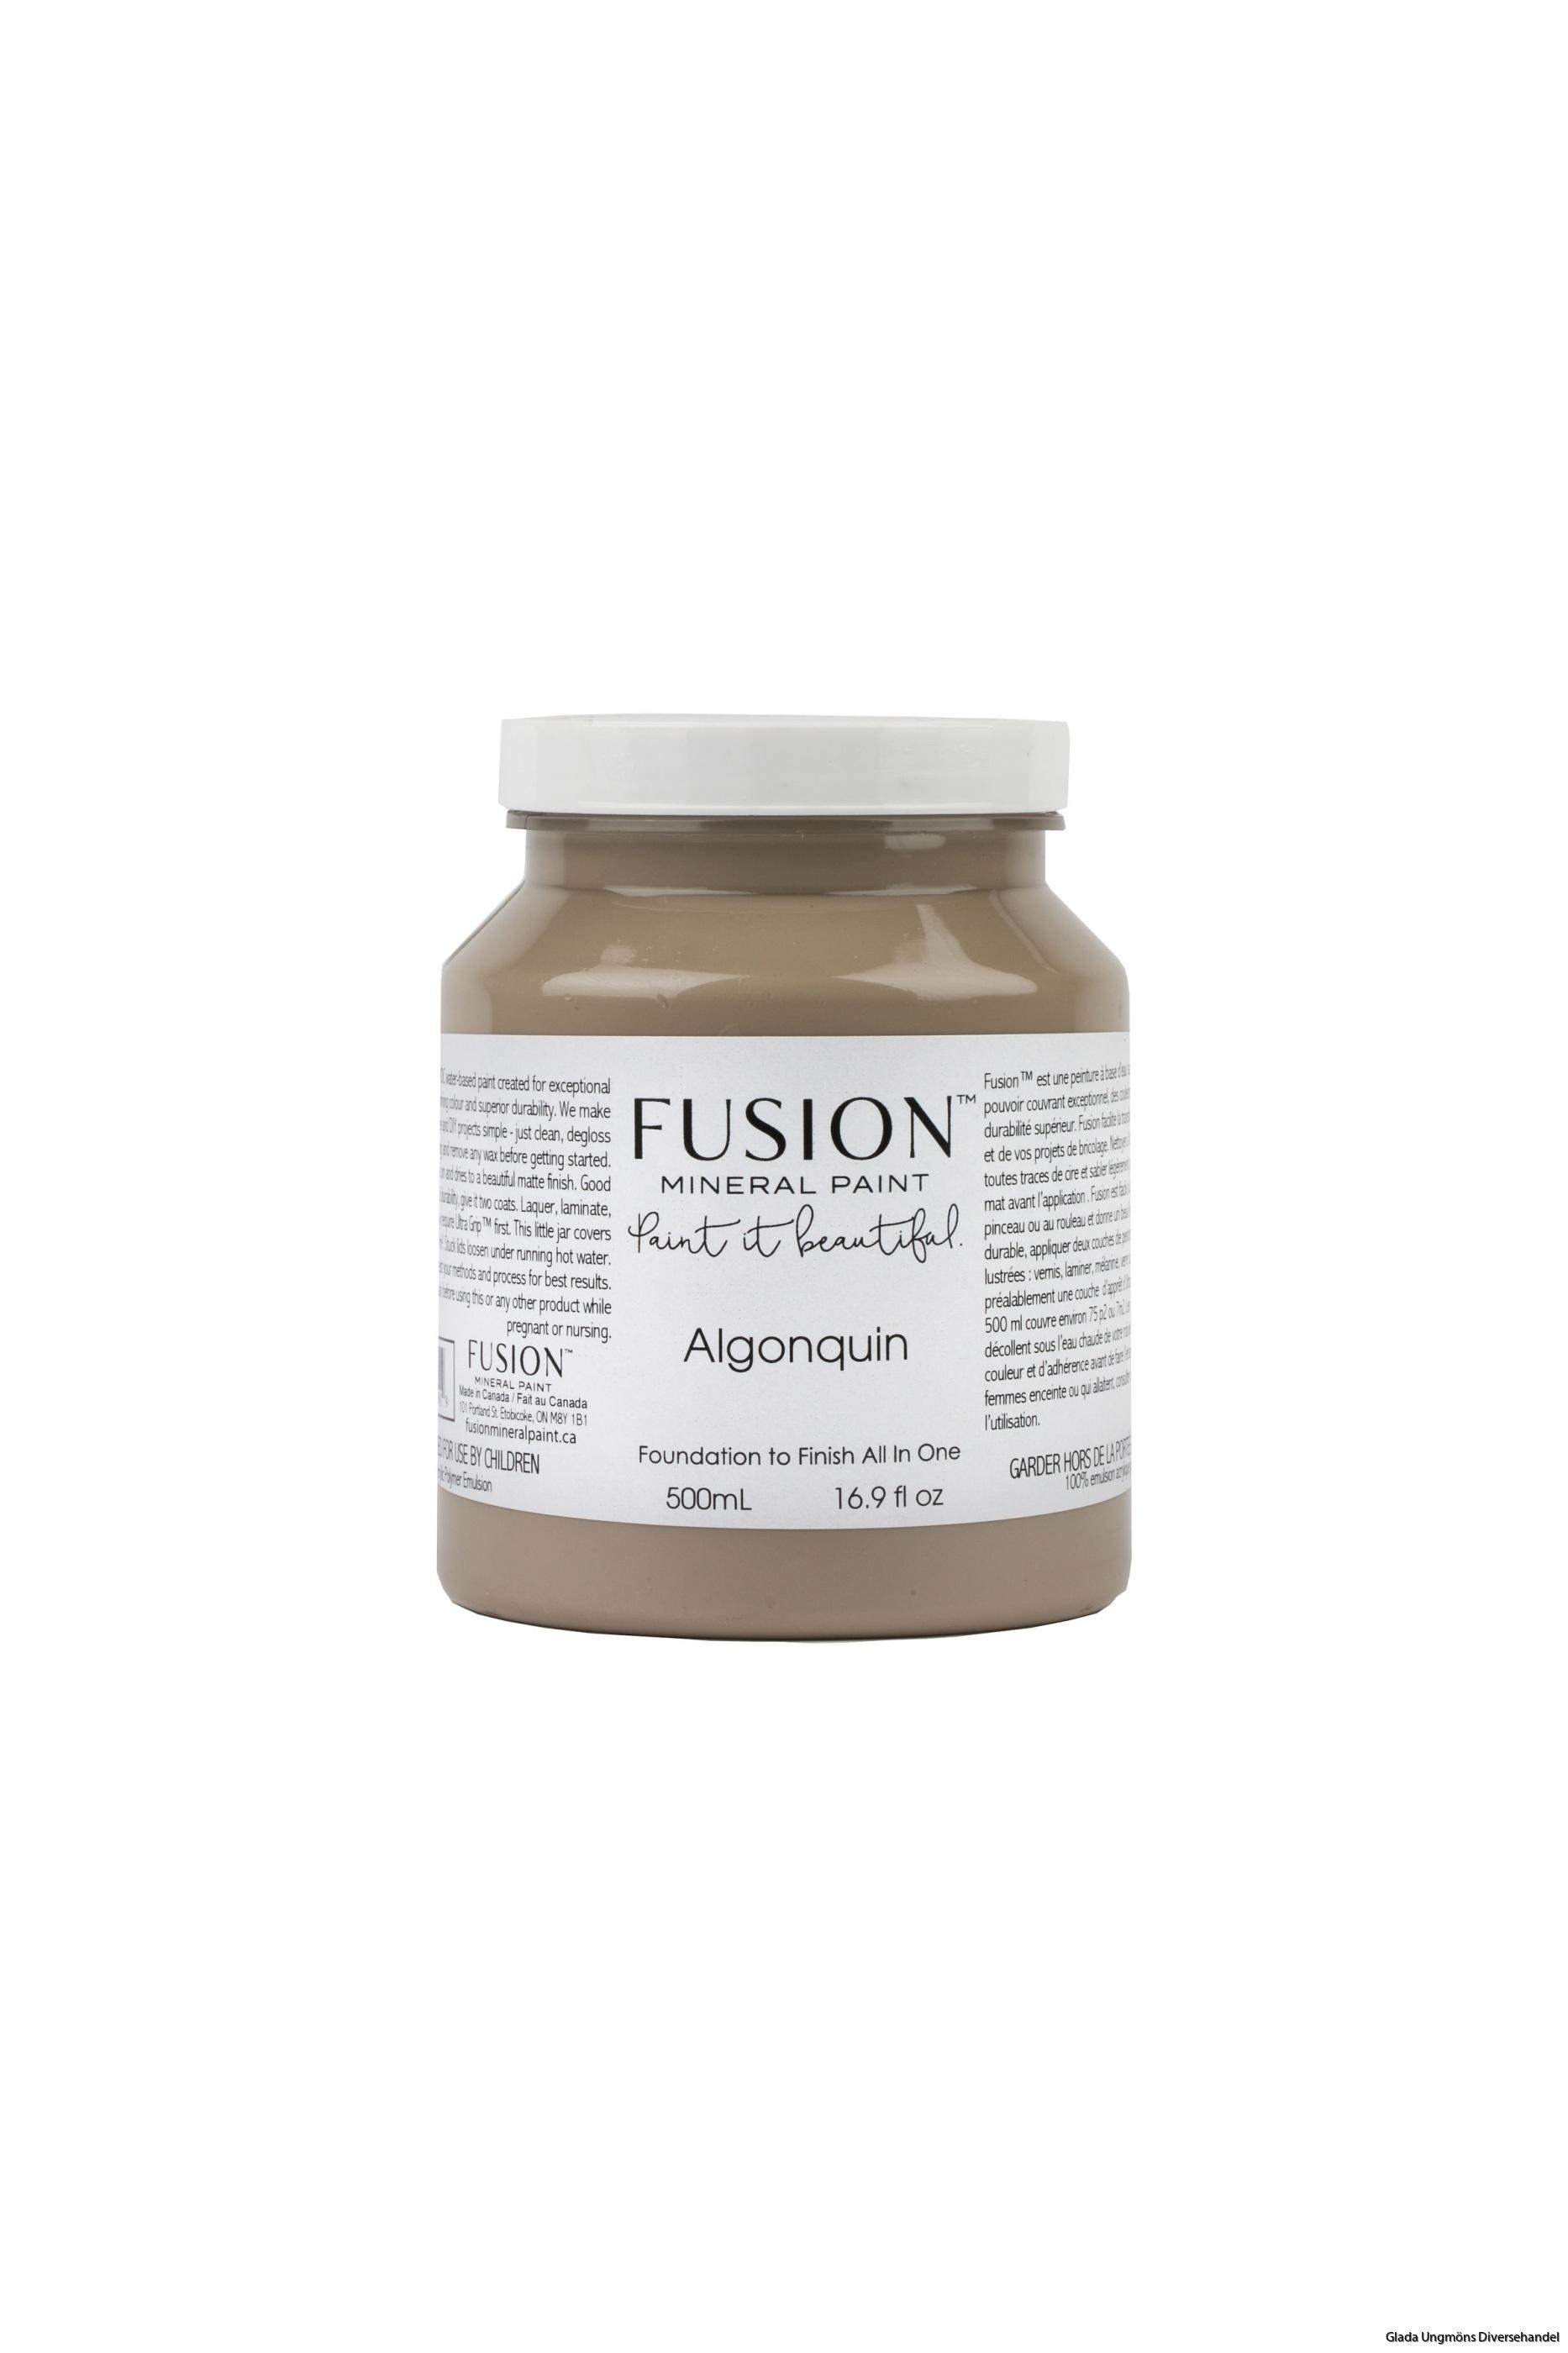 fusion_mineral_paint-algonquin-pint